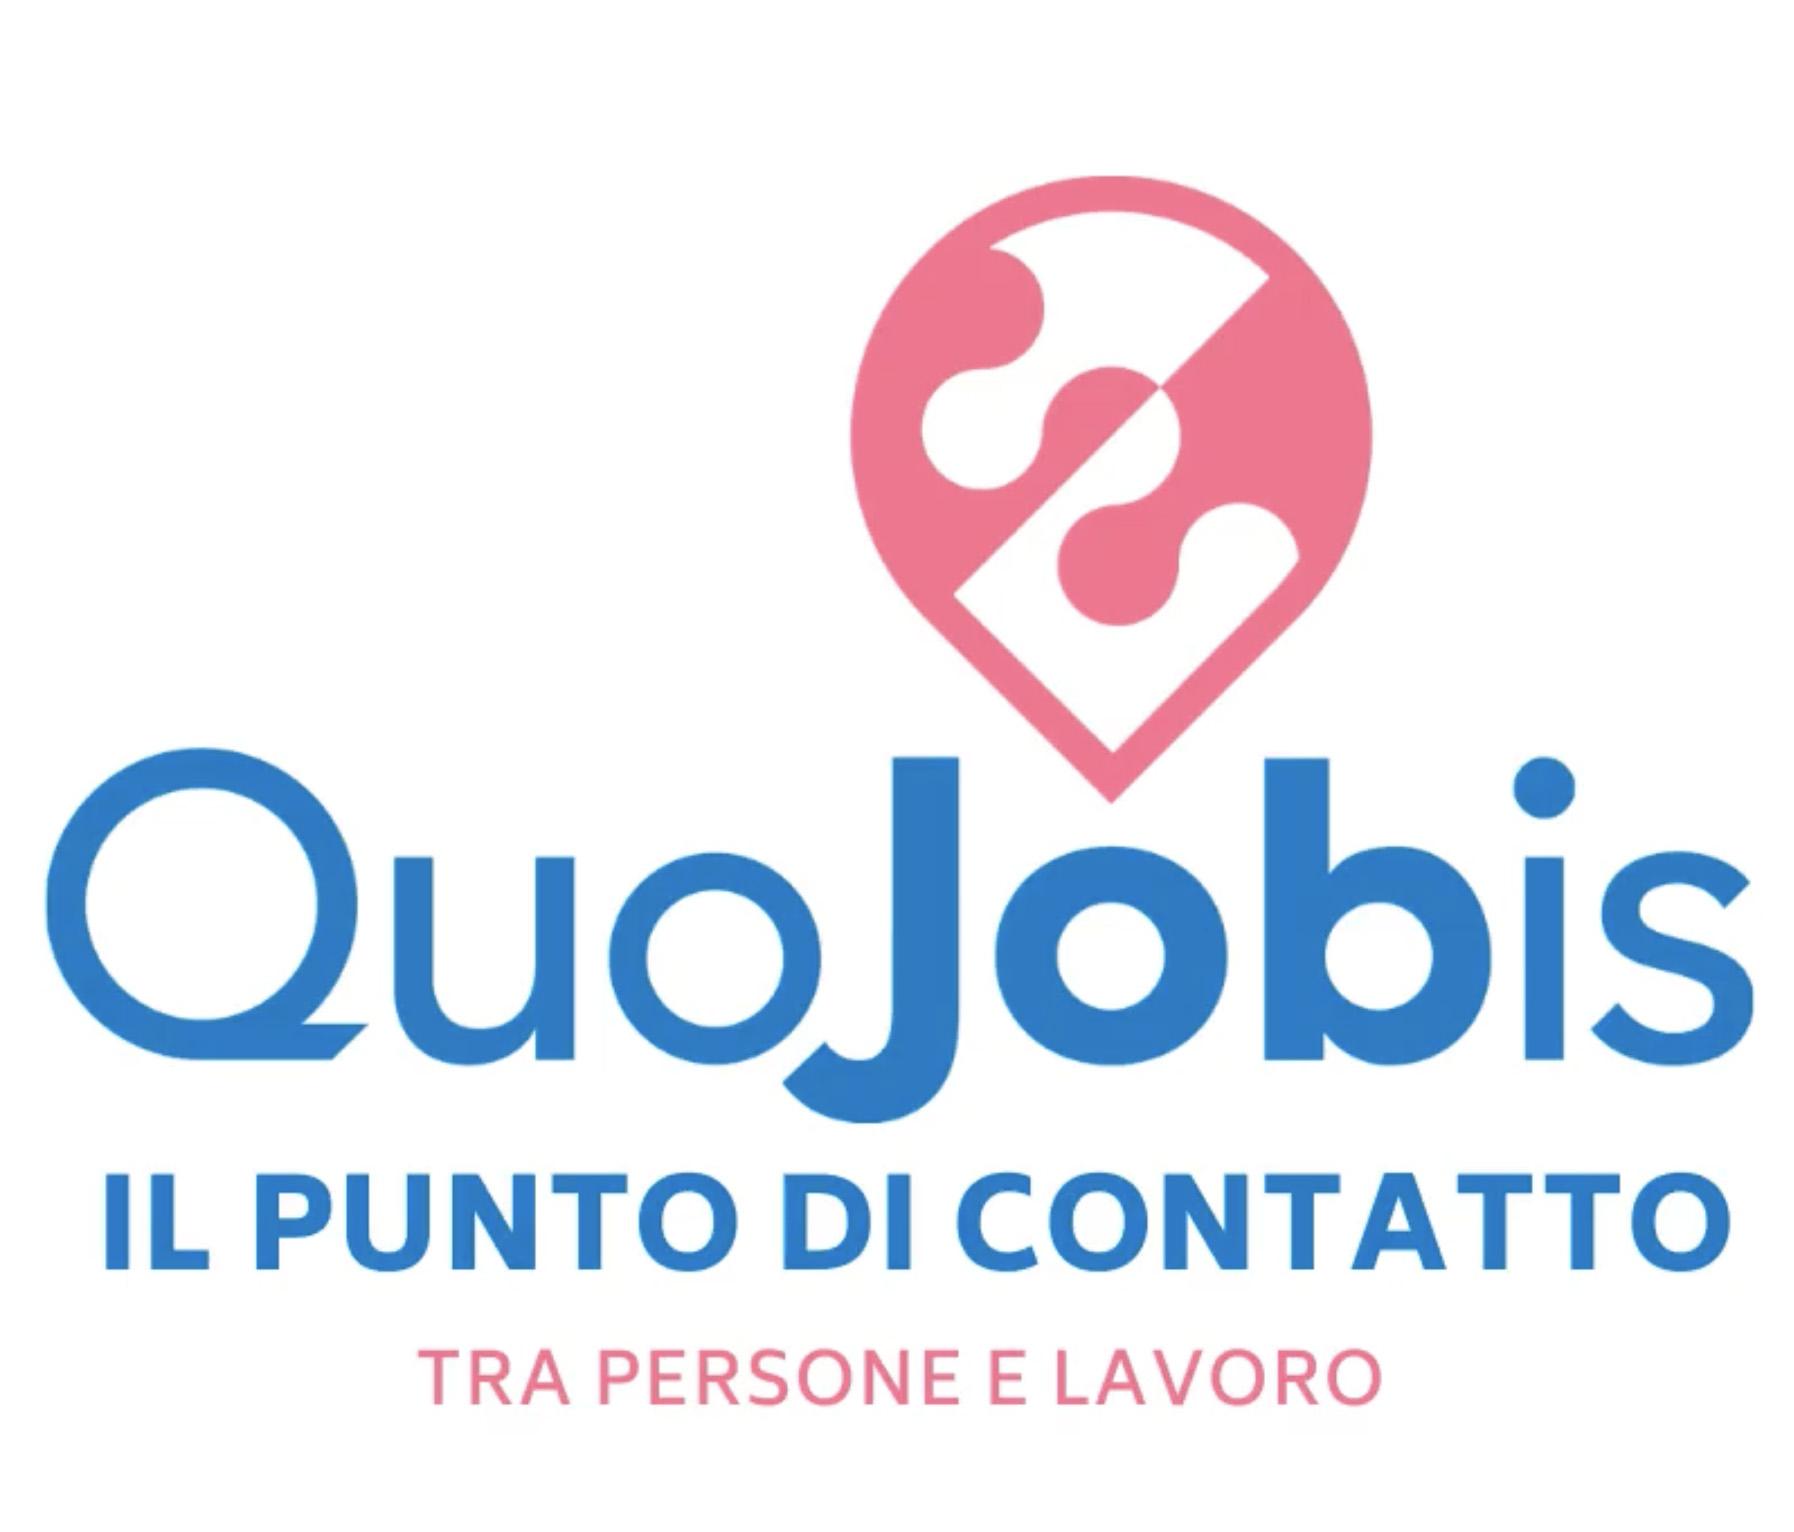 QuoJobis